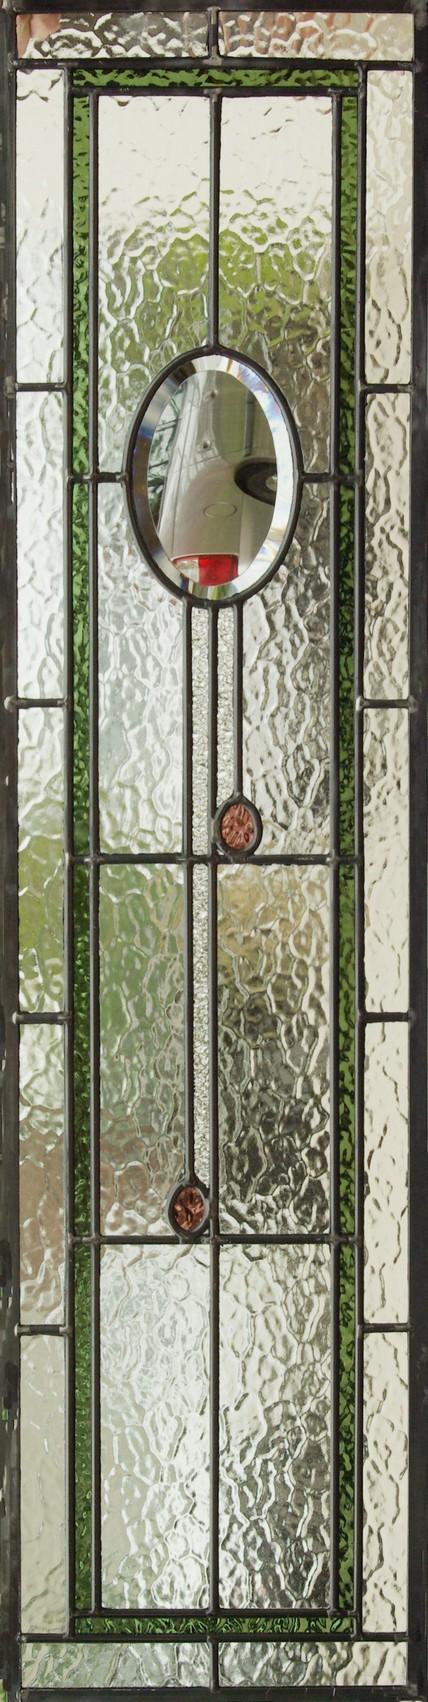 Emerald & Leadlight Glass Panelling in Heritage Doors | Statesman Doors